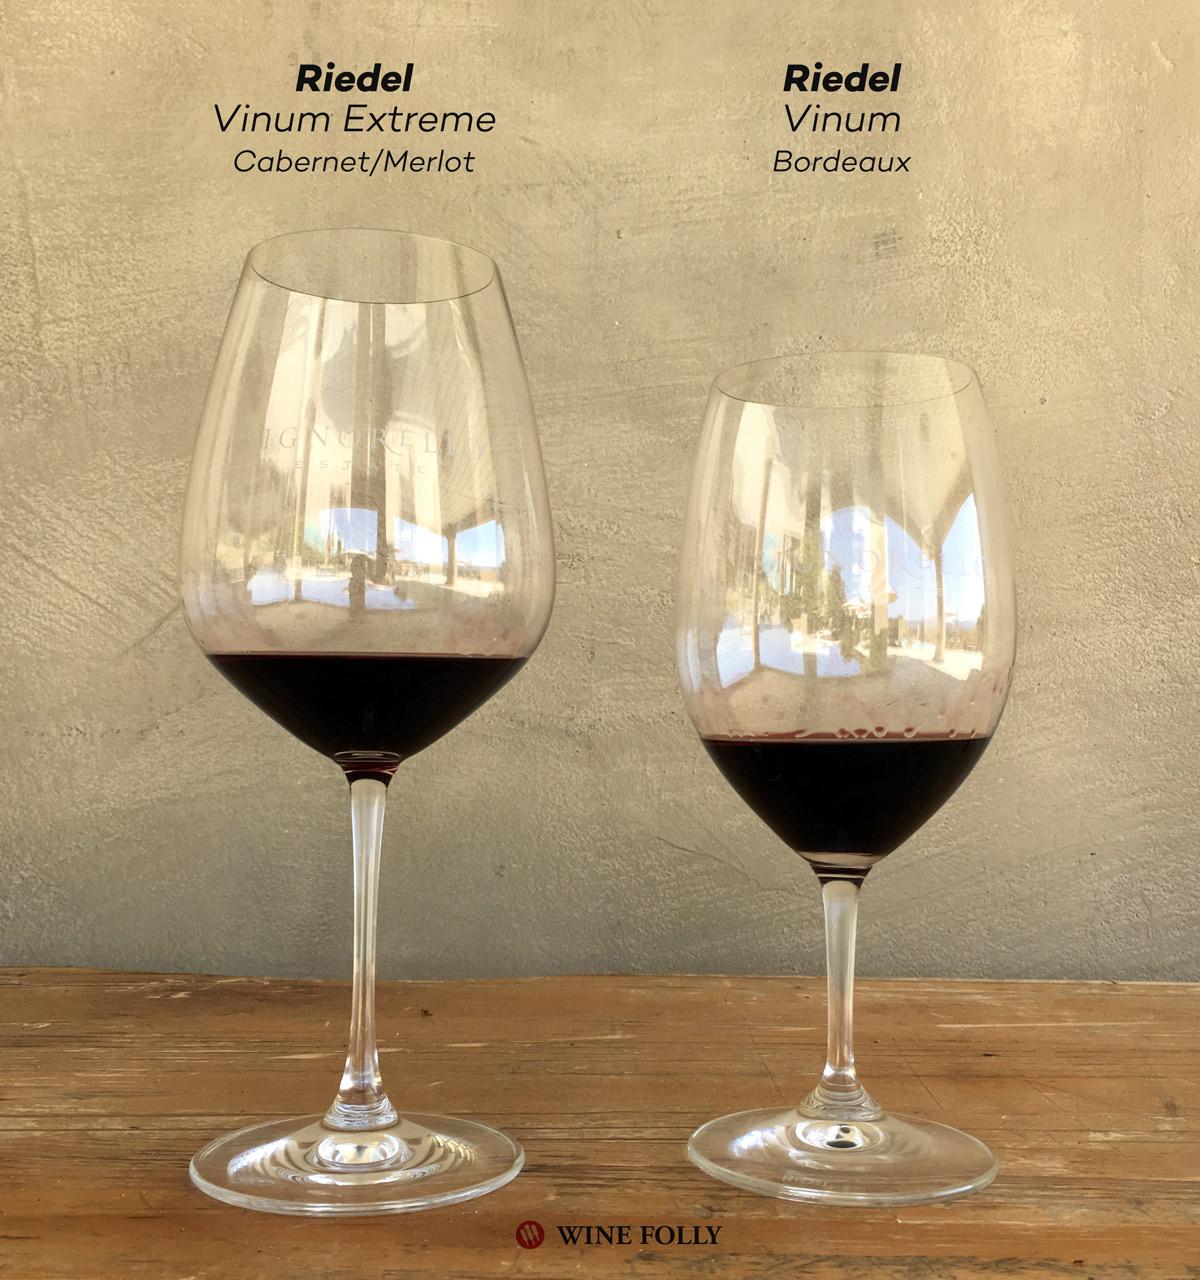 Riedel Wine Glasses Vinum Extreme vs Vinum Bordeaux